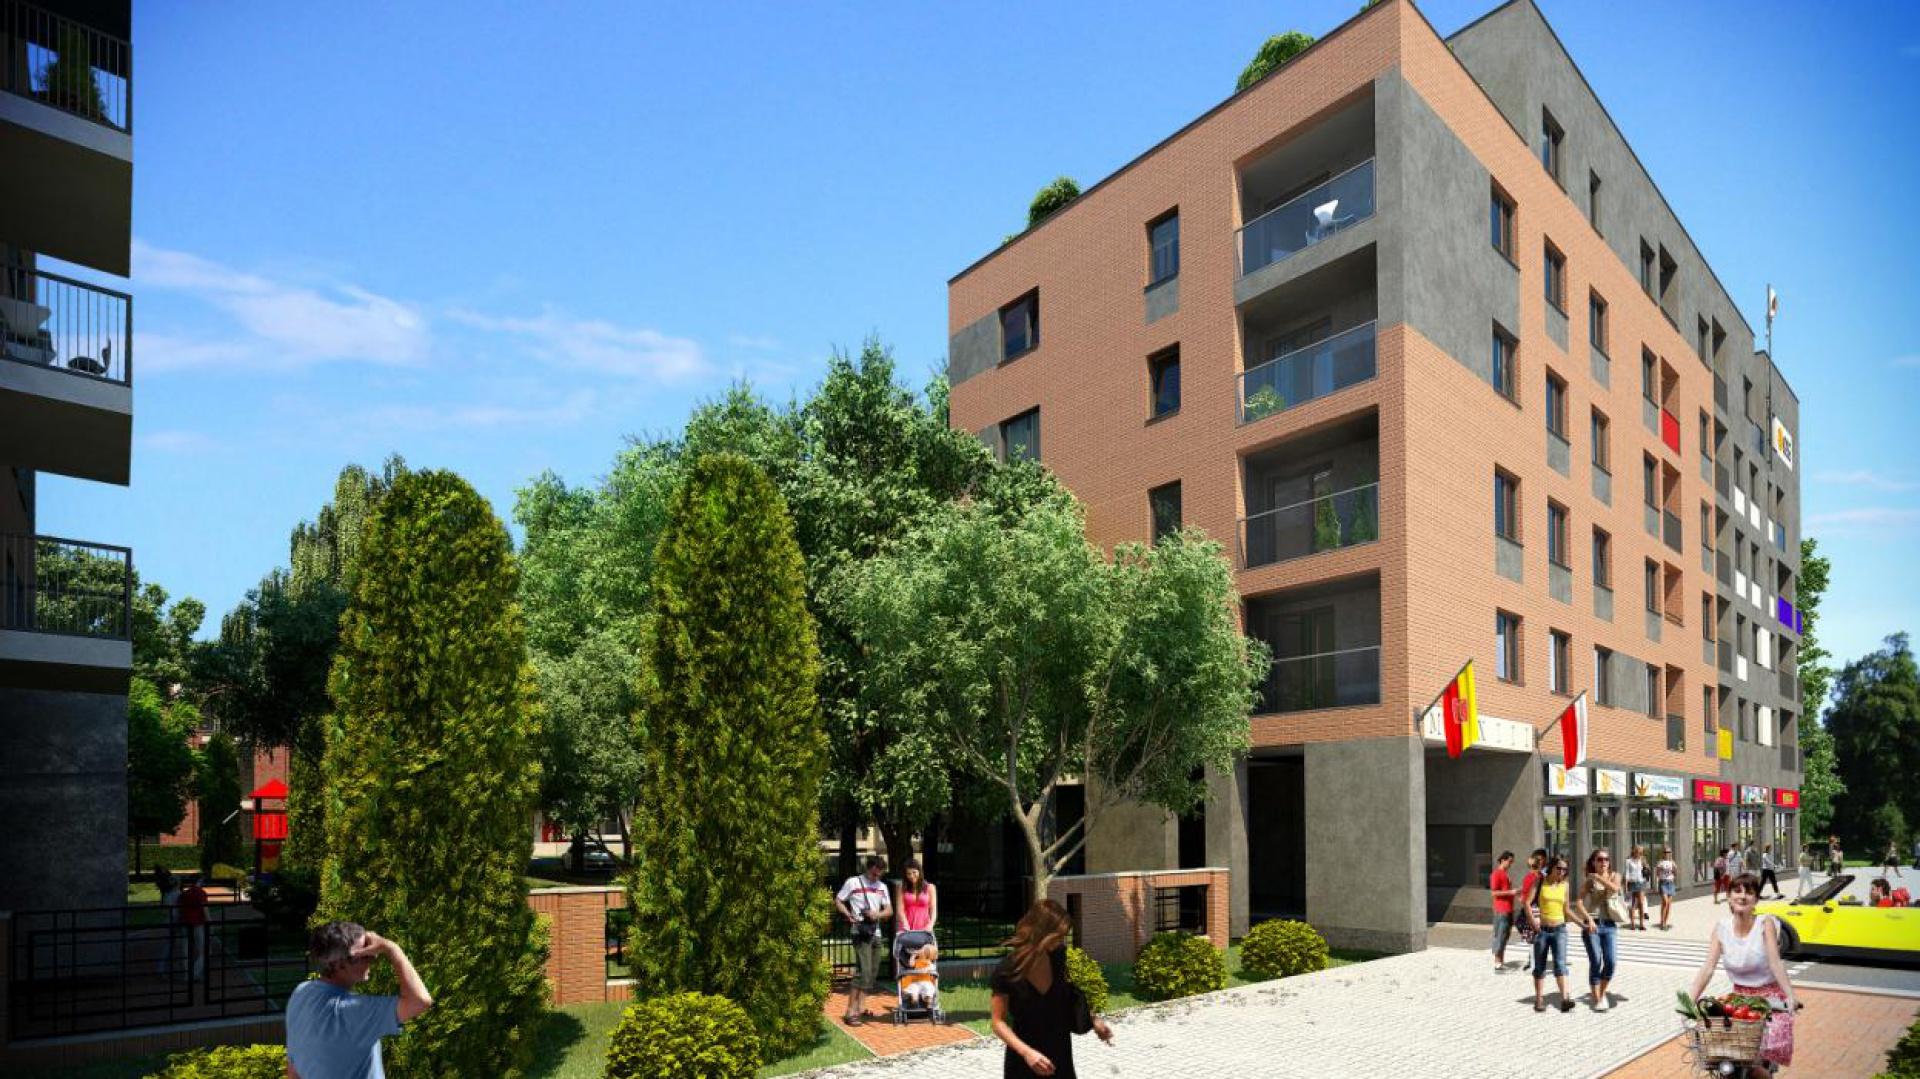 Nowe osiedle mieszkaniowe ma pojawić się u zbiegu ulic Wróblewskiego, Wólczańskiej i Skrzywana w Łodzi. Fot. Materiały prasowe